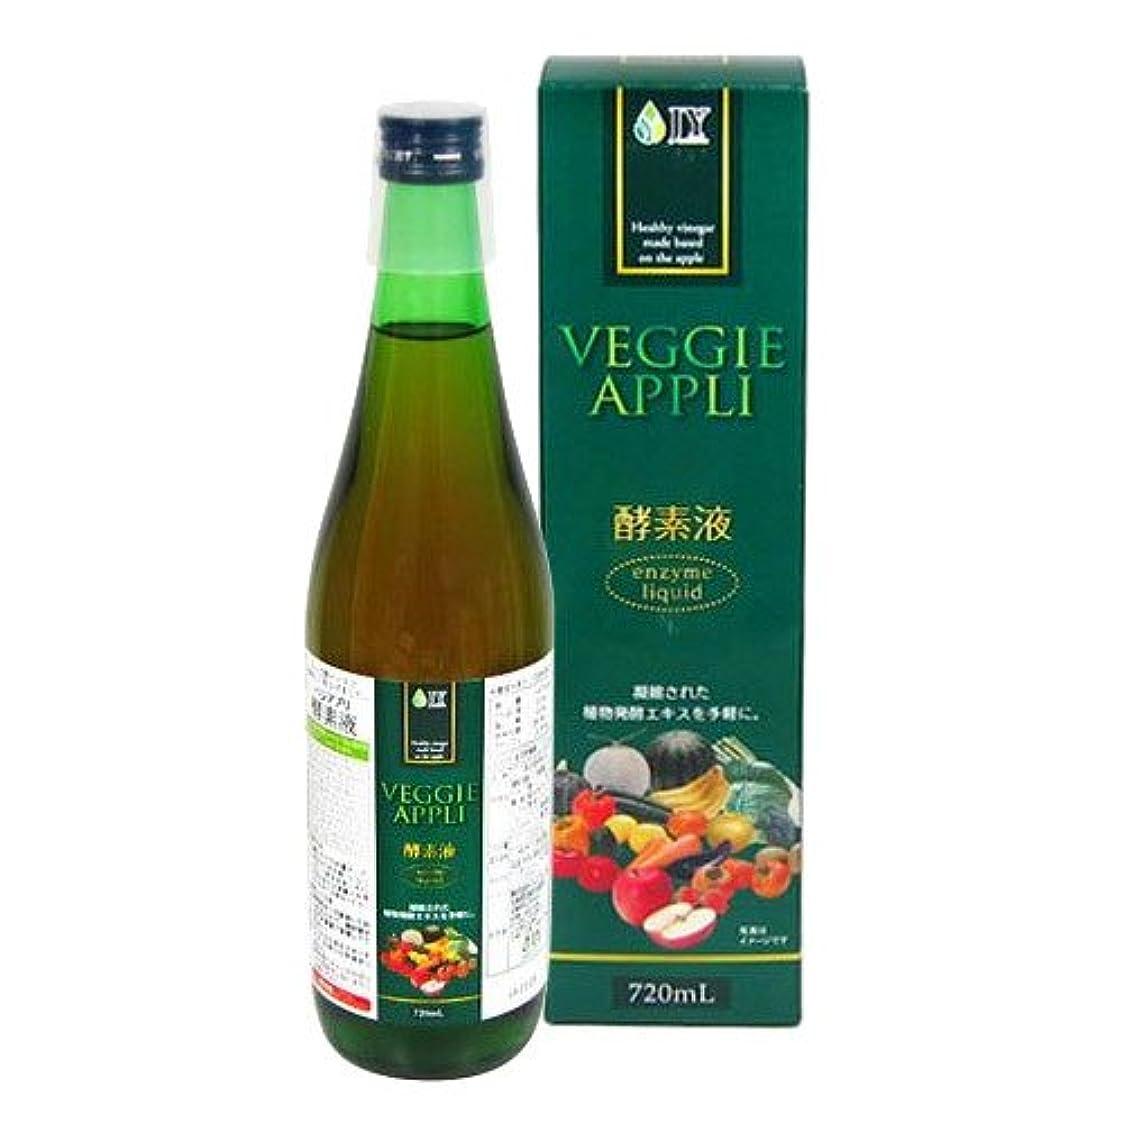 ドラッグ香り大事にするベジアプリ酵素液